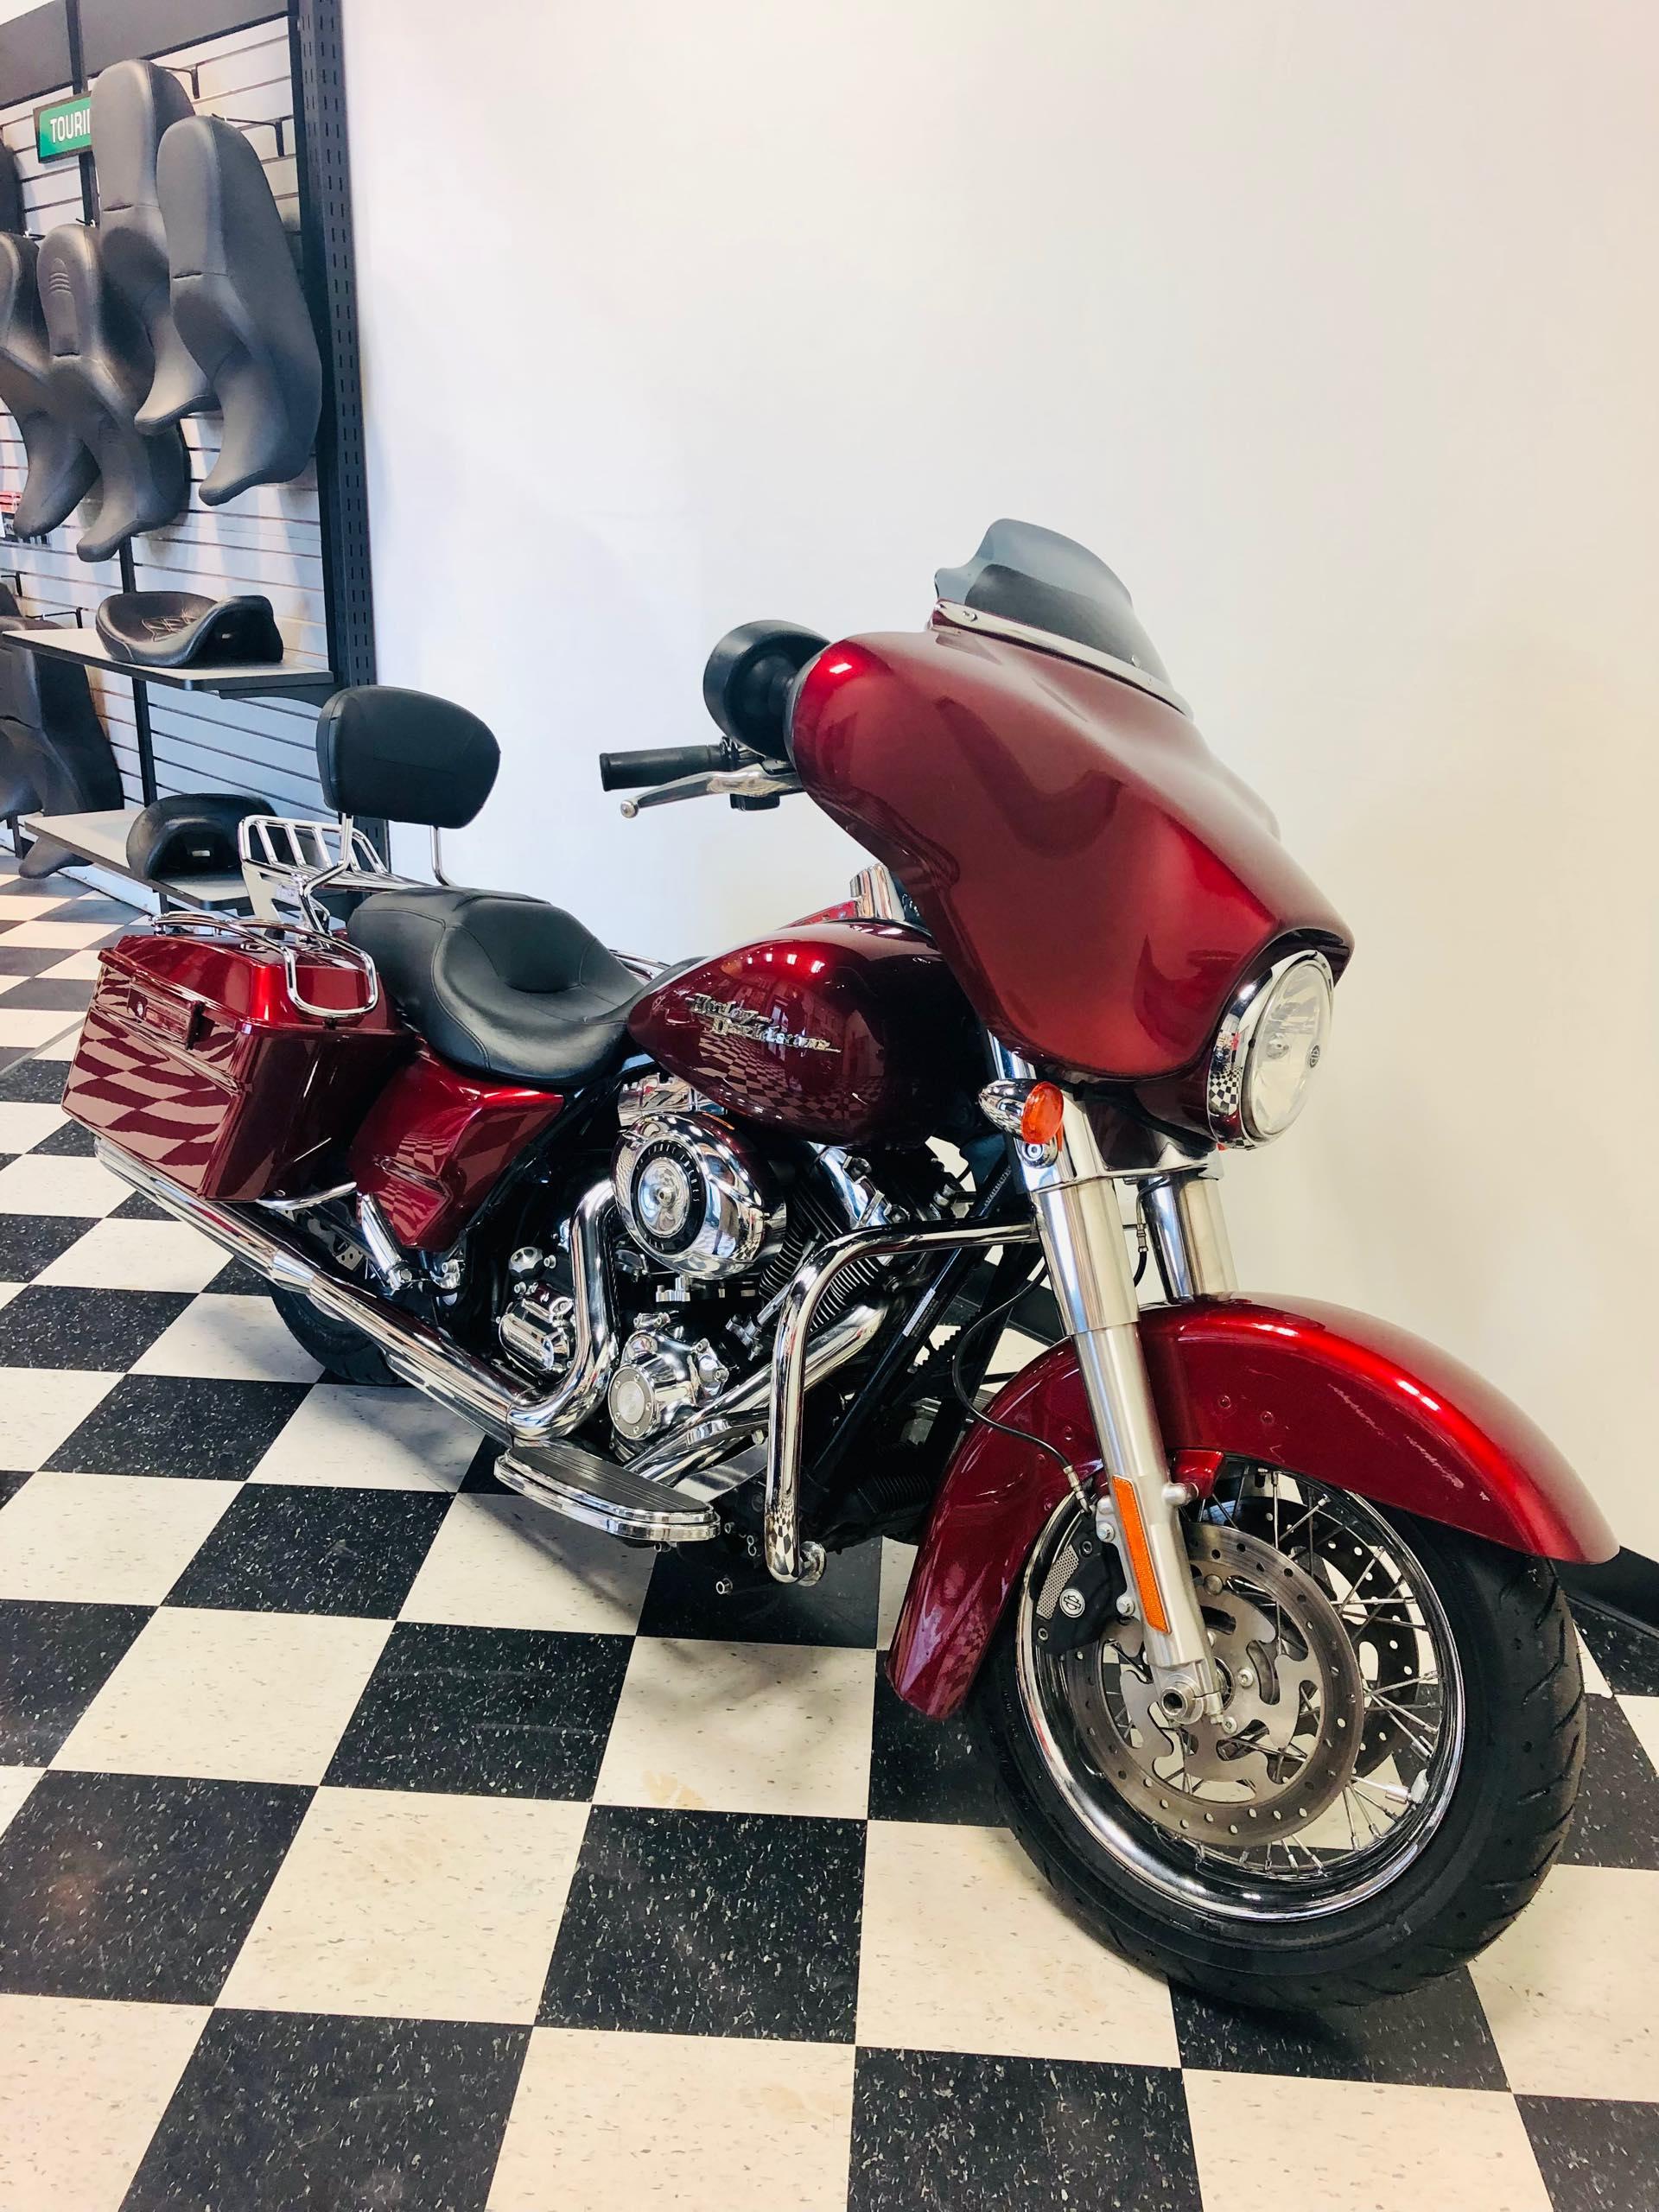 2009 Harley-Davidson Street Glide Base at Deluxe Harley Davidson